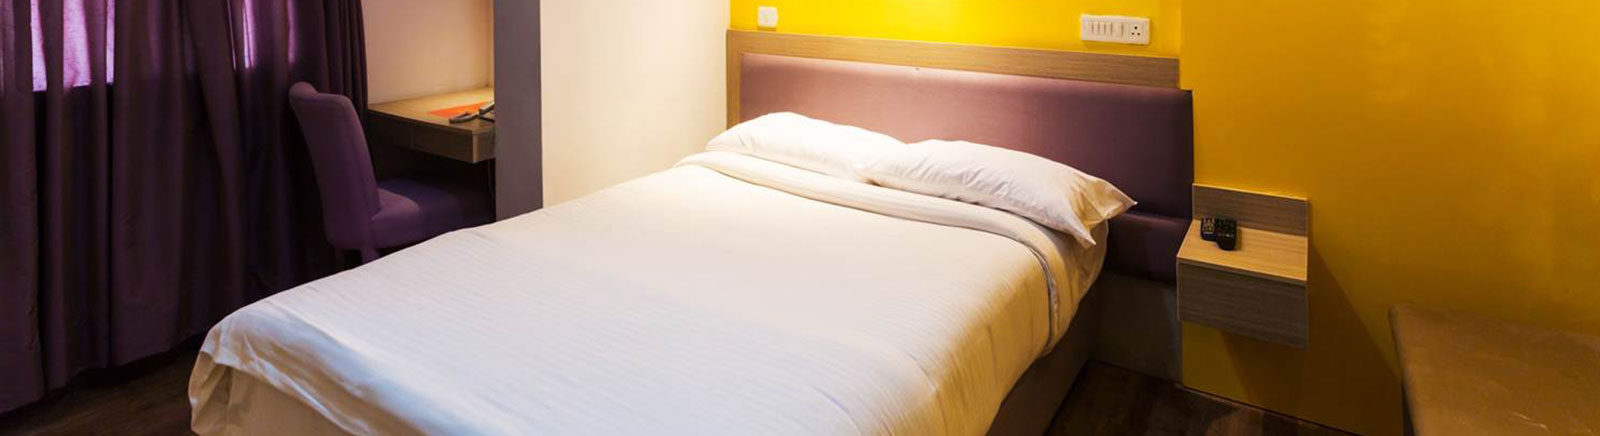 Ginger Vizag Hotel Rooms